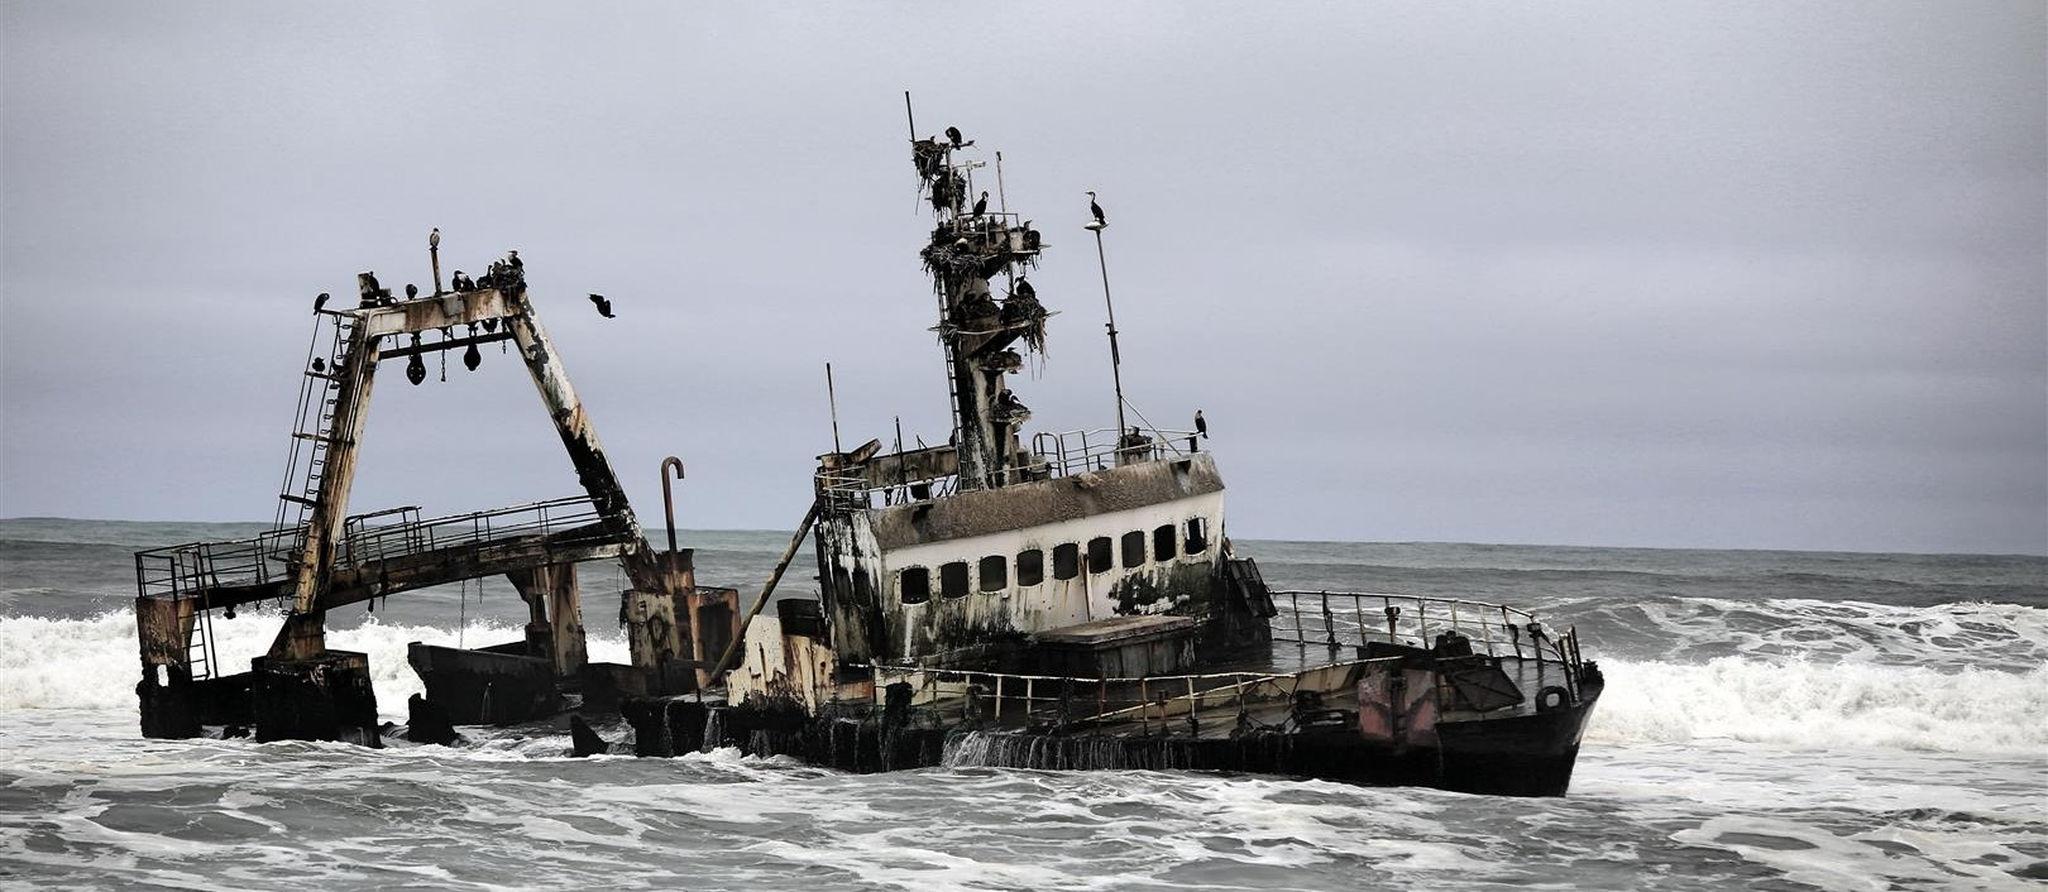 shipwreck-on-the-skeleton-coast-namibia